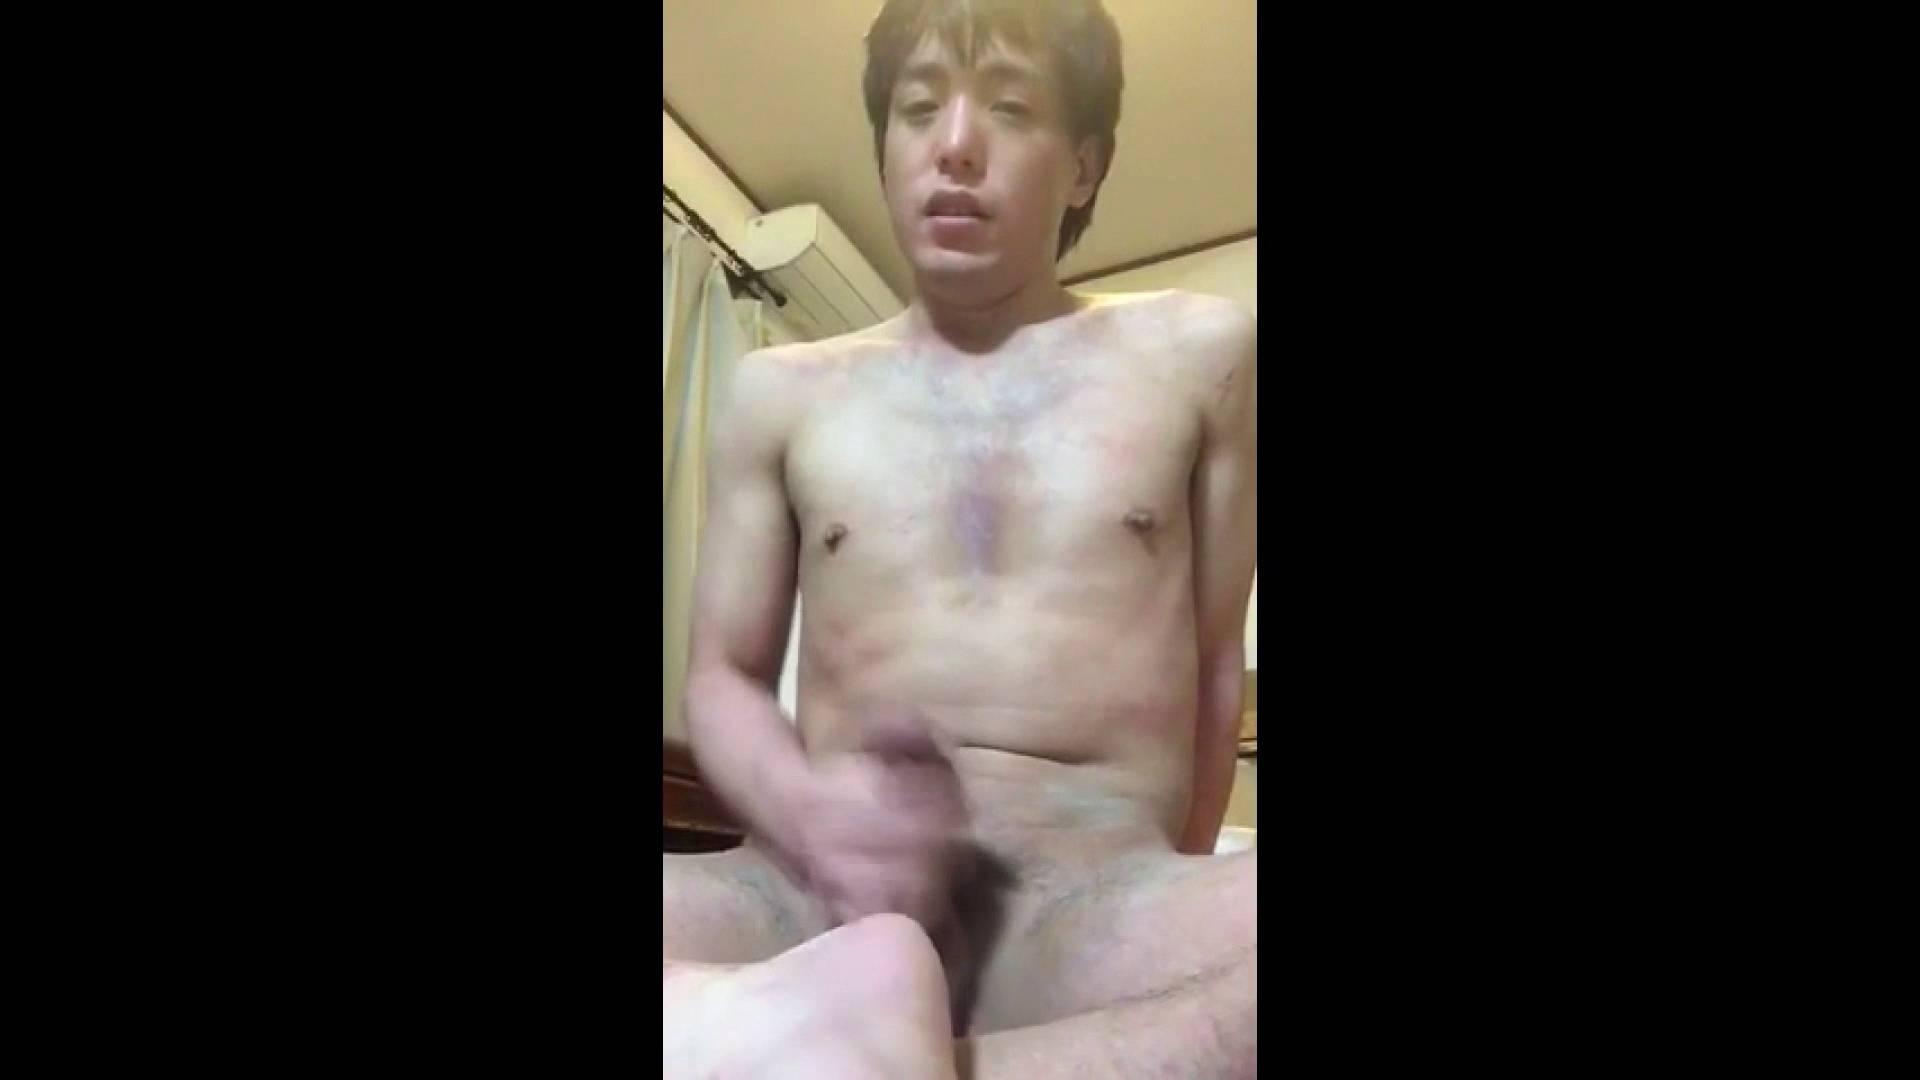 個人撮影 自慰の極意 Vol.30 無修正 ゲイAV画像 78pic 54